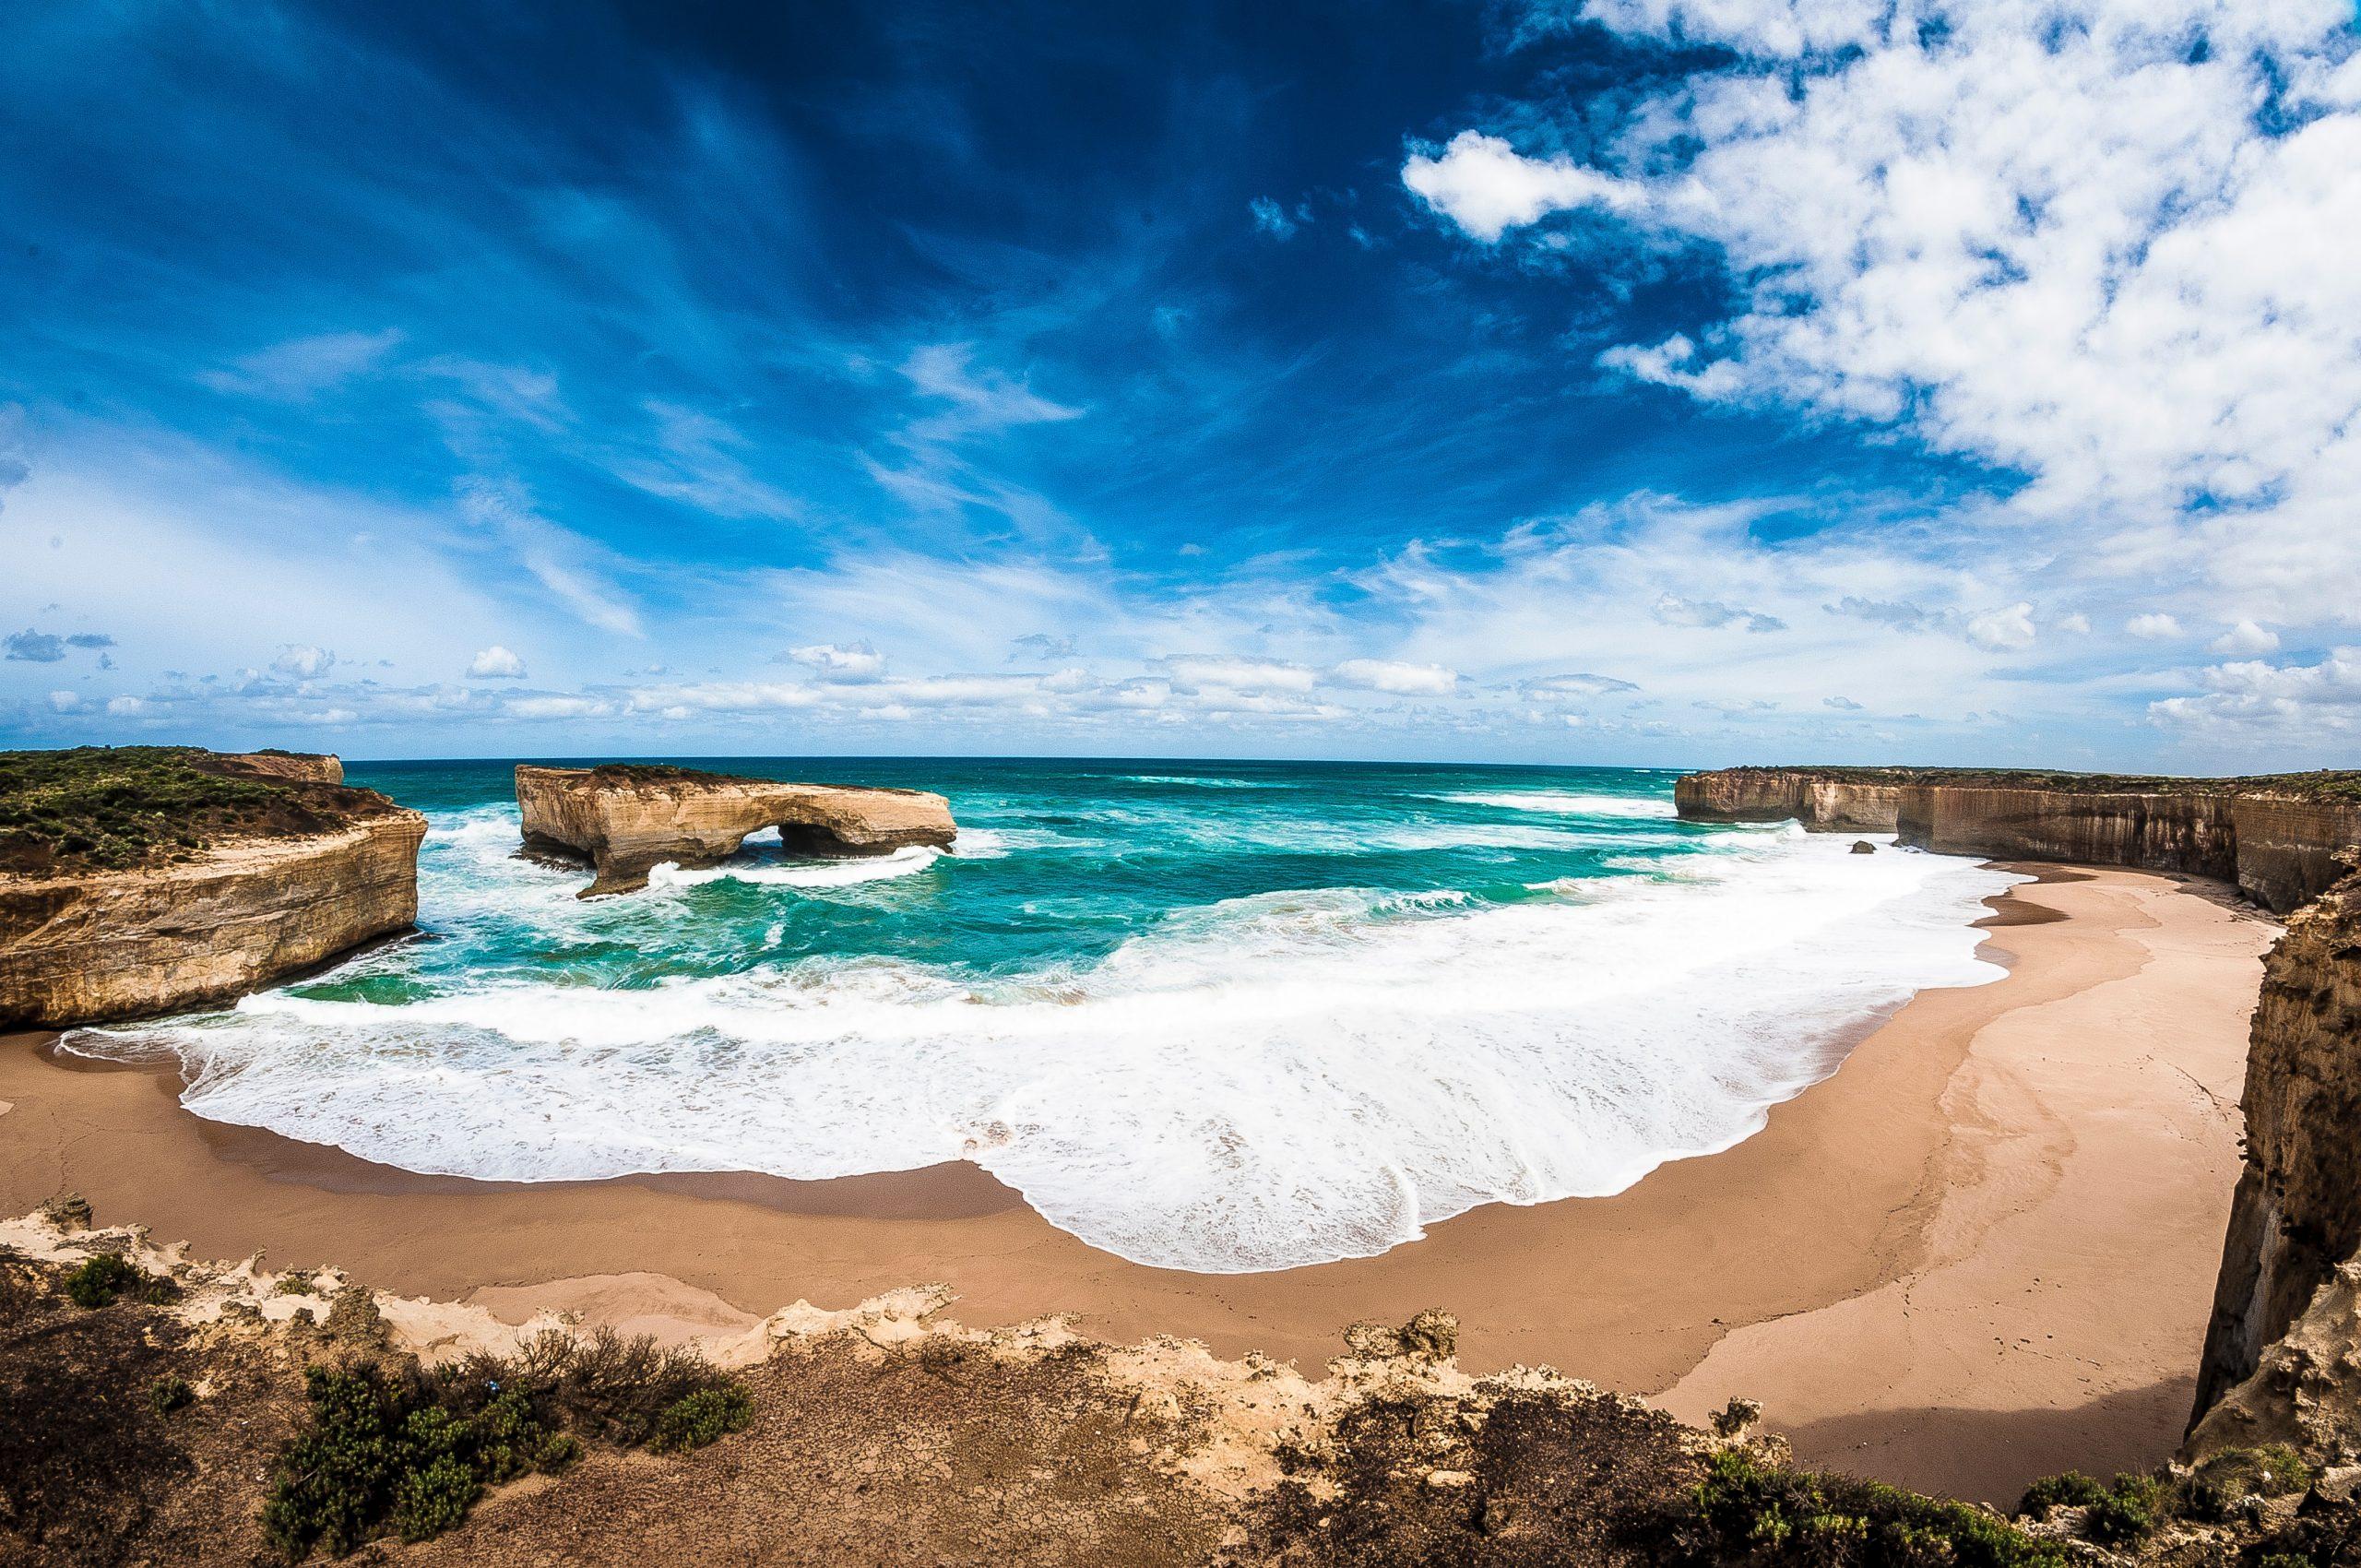 Um Turismo de Esporte para quem adora mar: Mergulhar na Austrália!